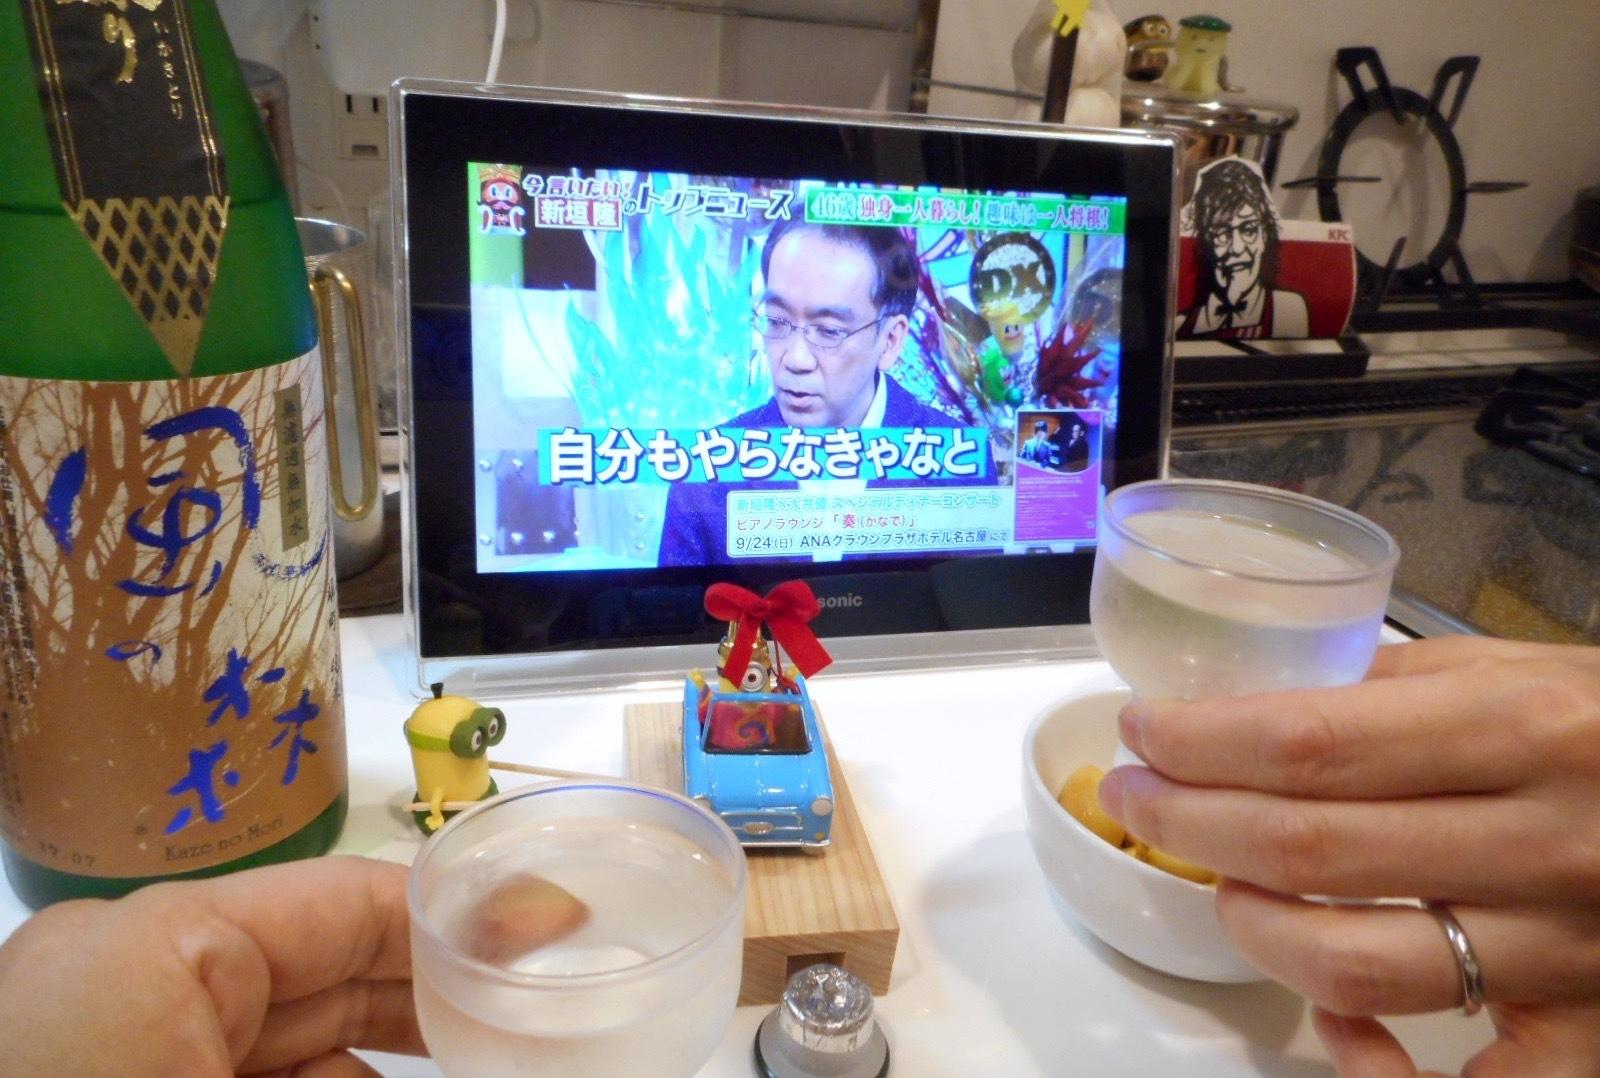 kazenomori_ikaki_omachi80_28by4.jpg